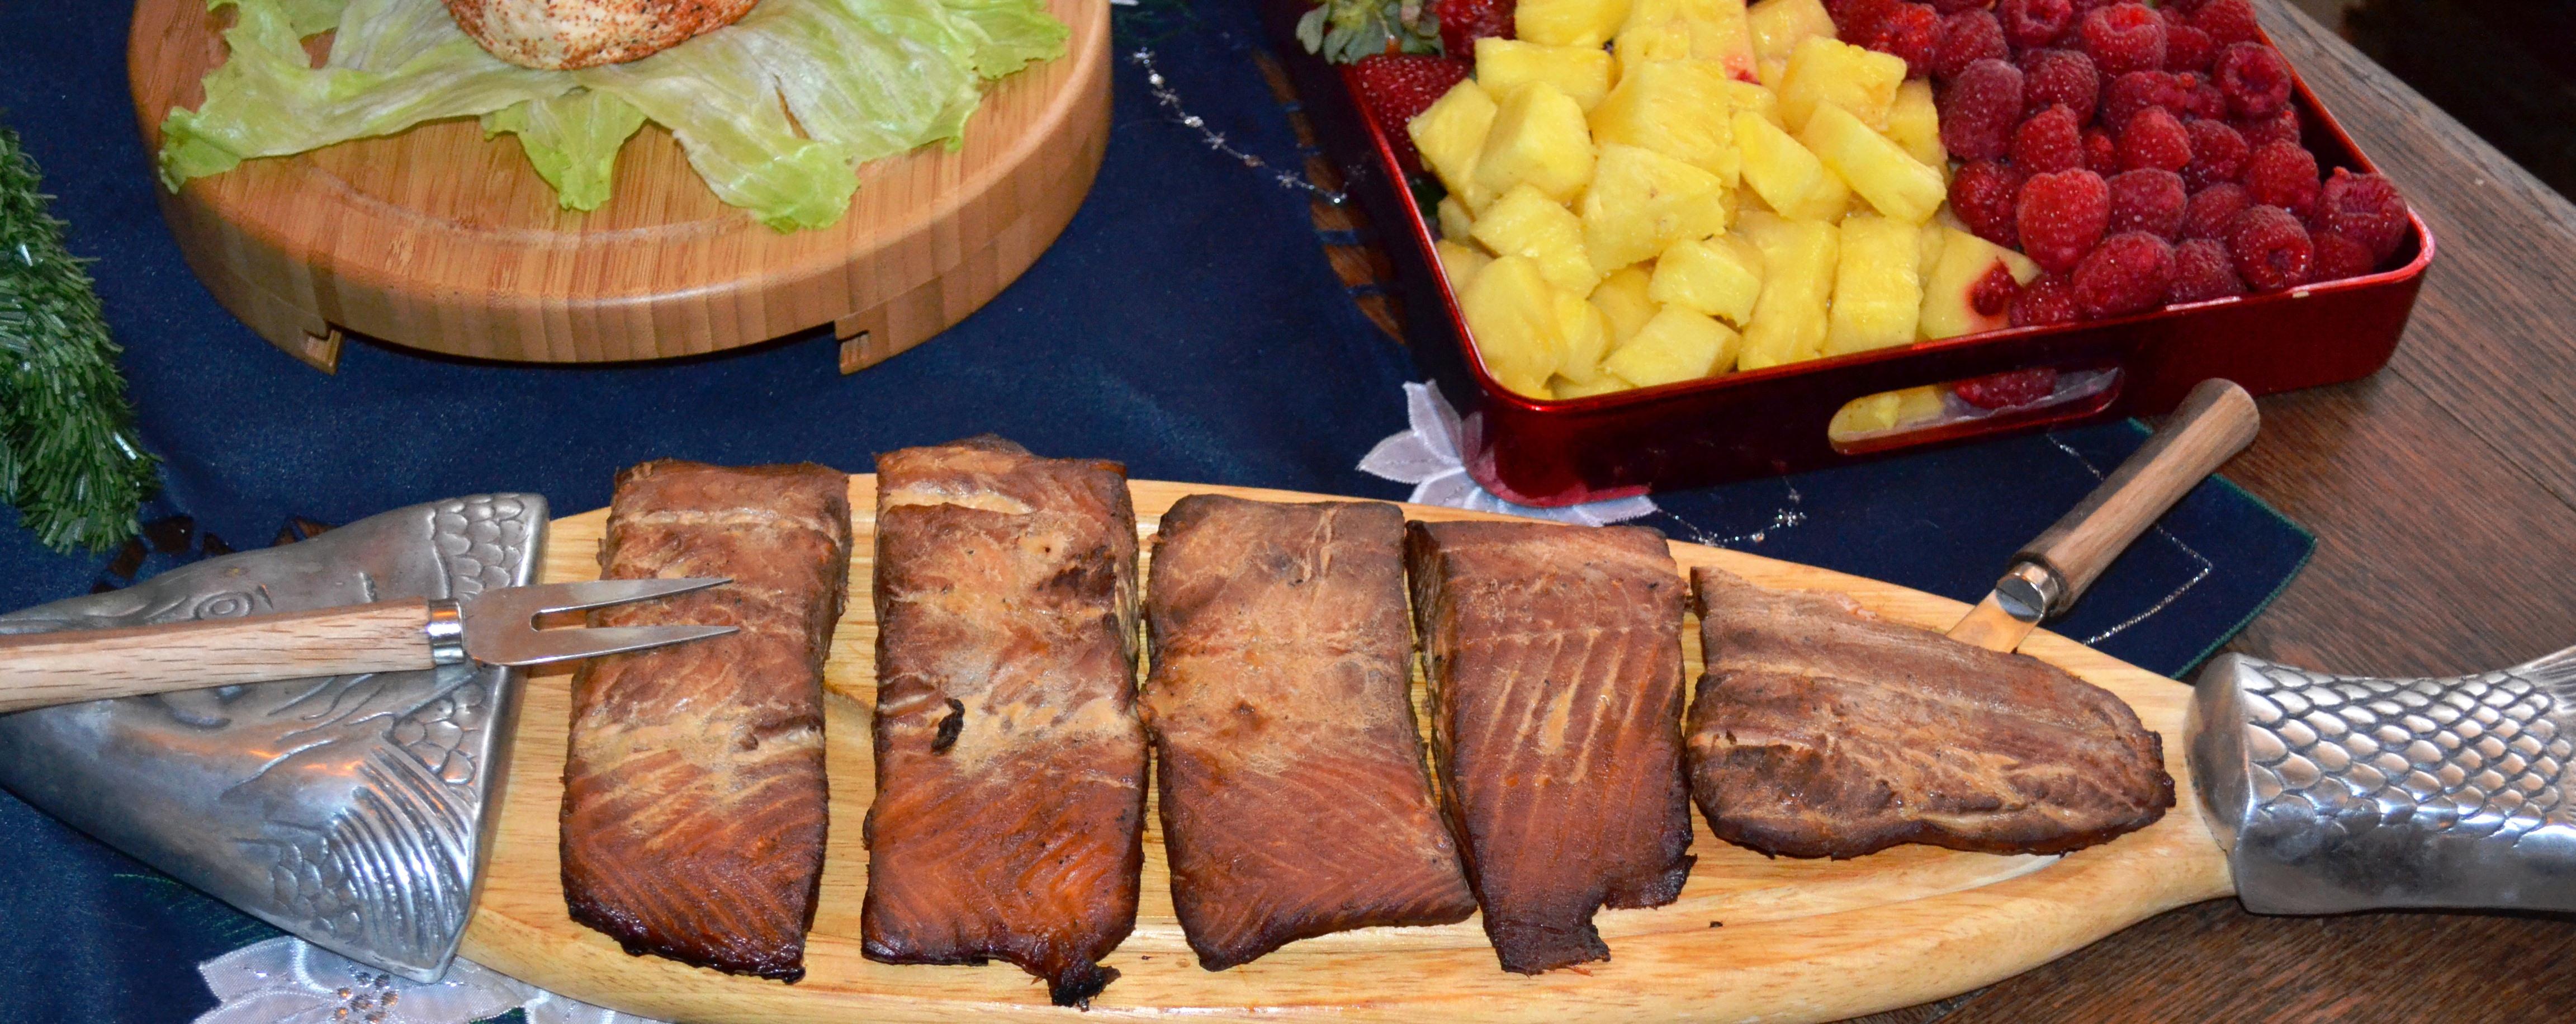 Tom's Smoked Salmon